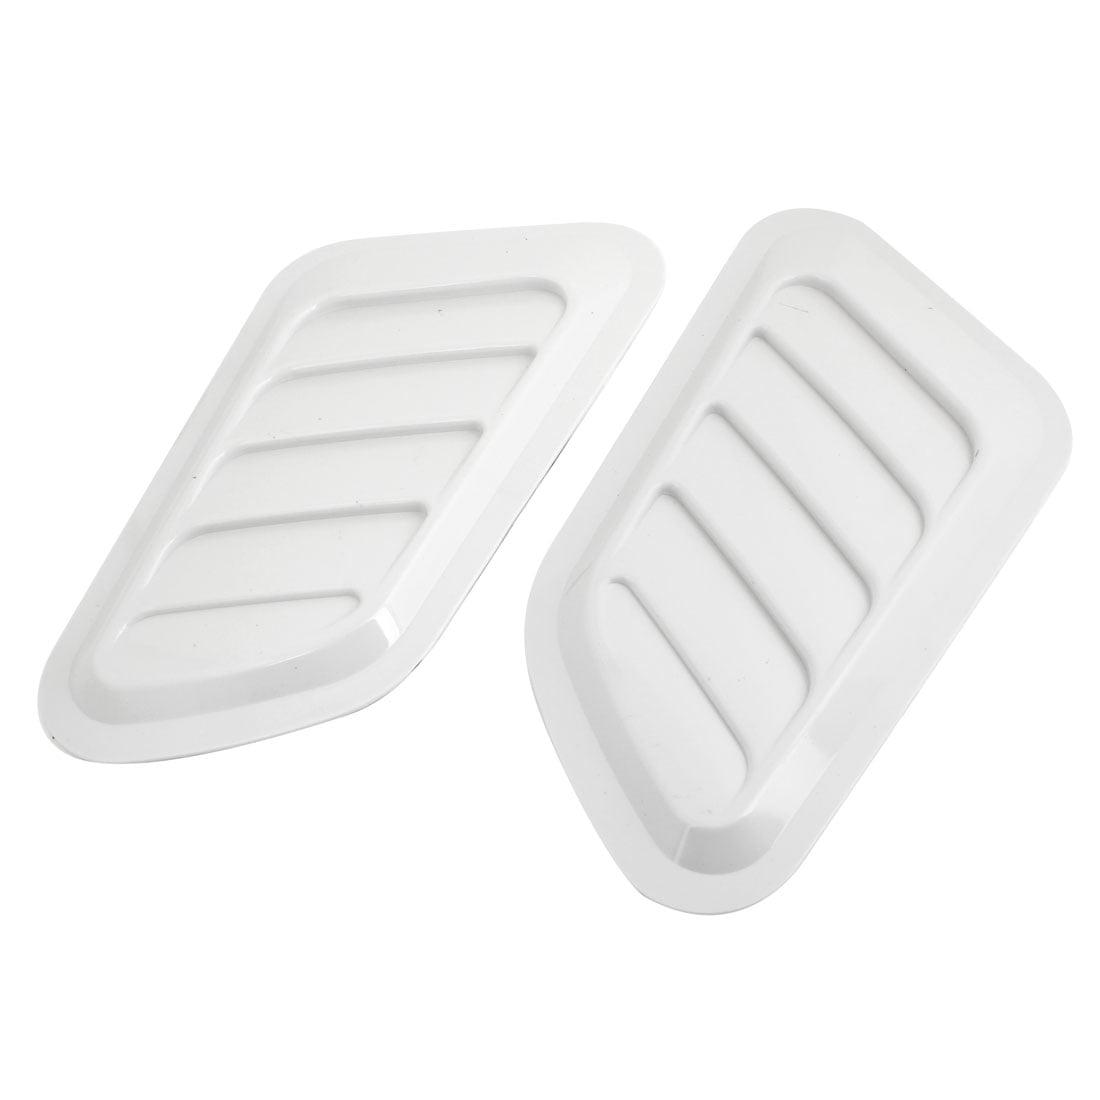 Unique Bargains 2 Pcs White Car Ahesive Subaru-look Side Air Scoop Bonnet Vent Cover